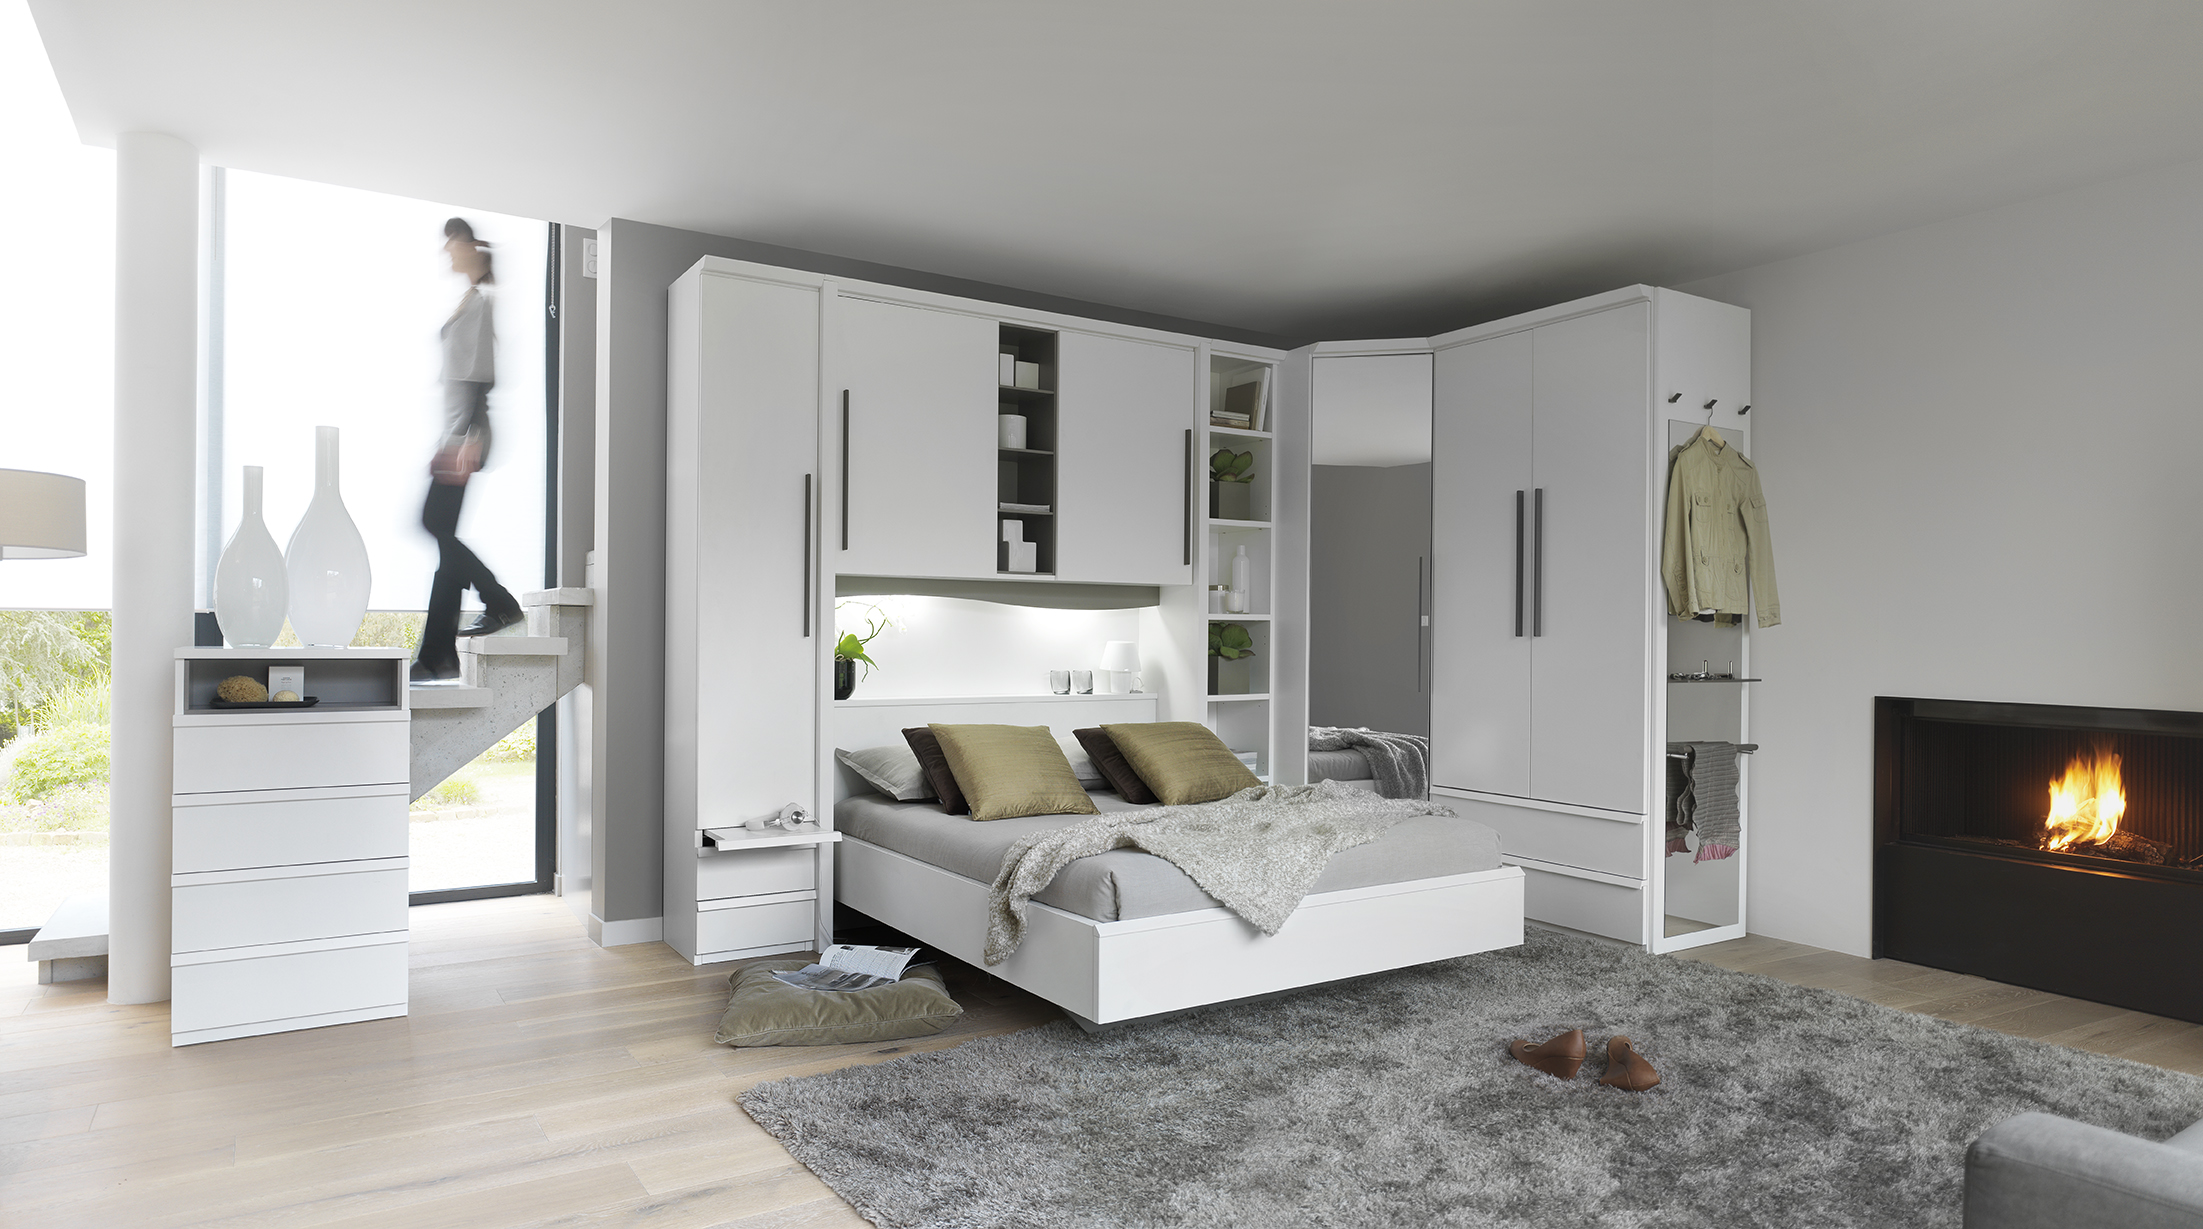 Угловой шкаф в интерьере спальни белый